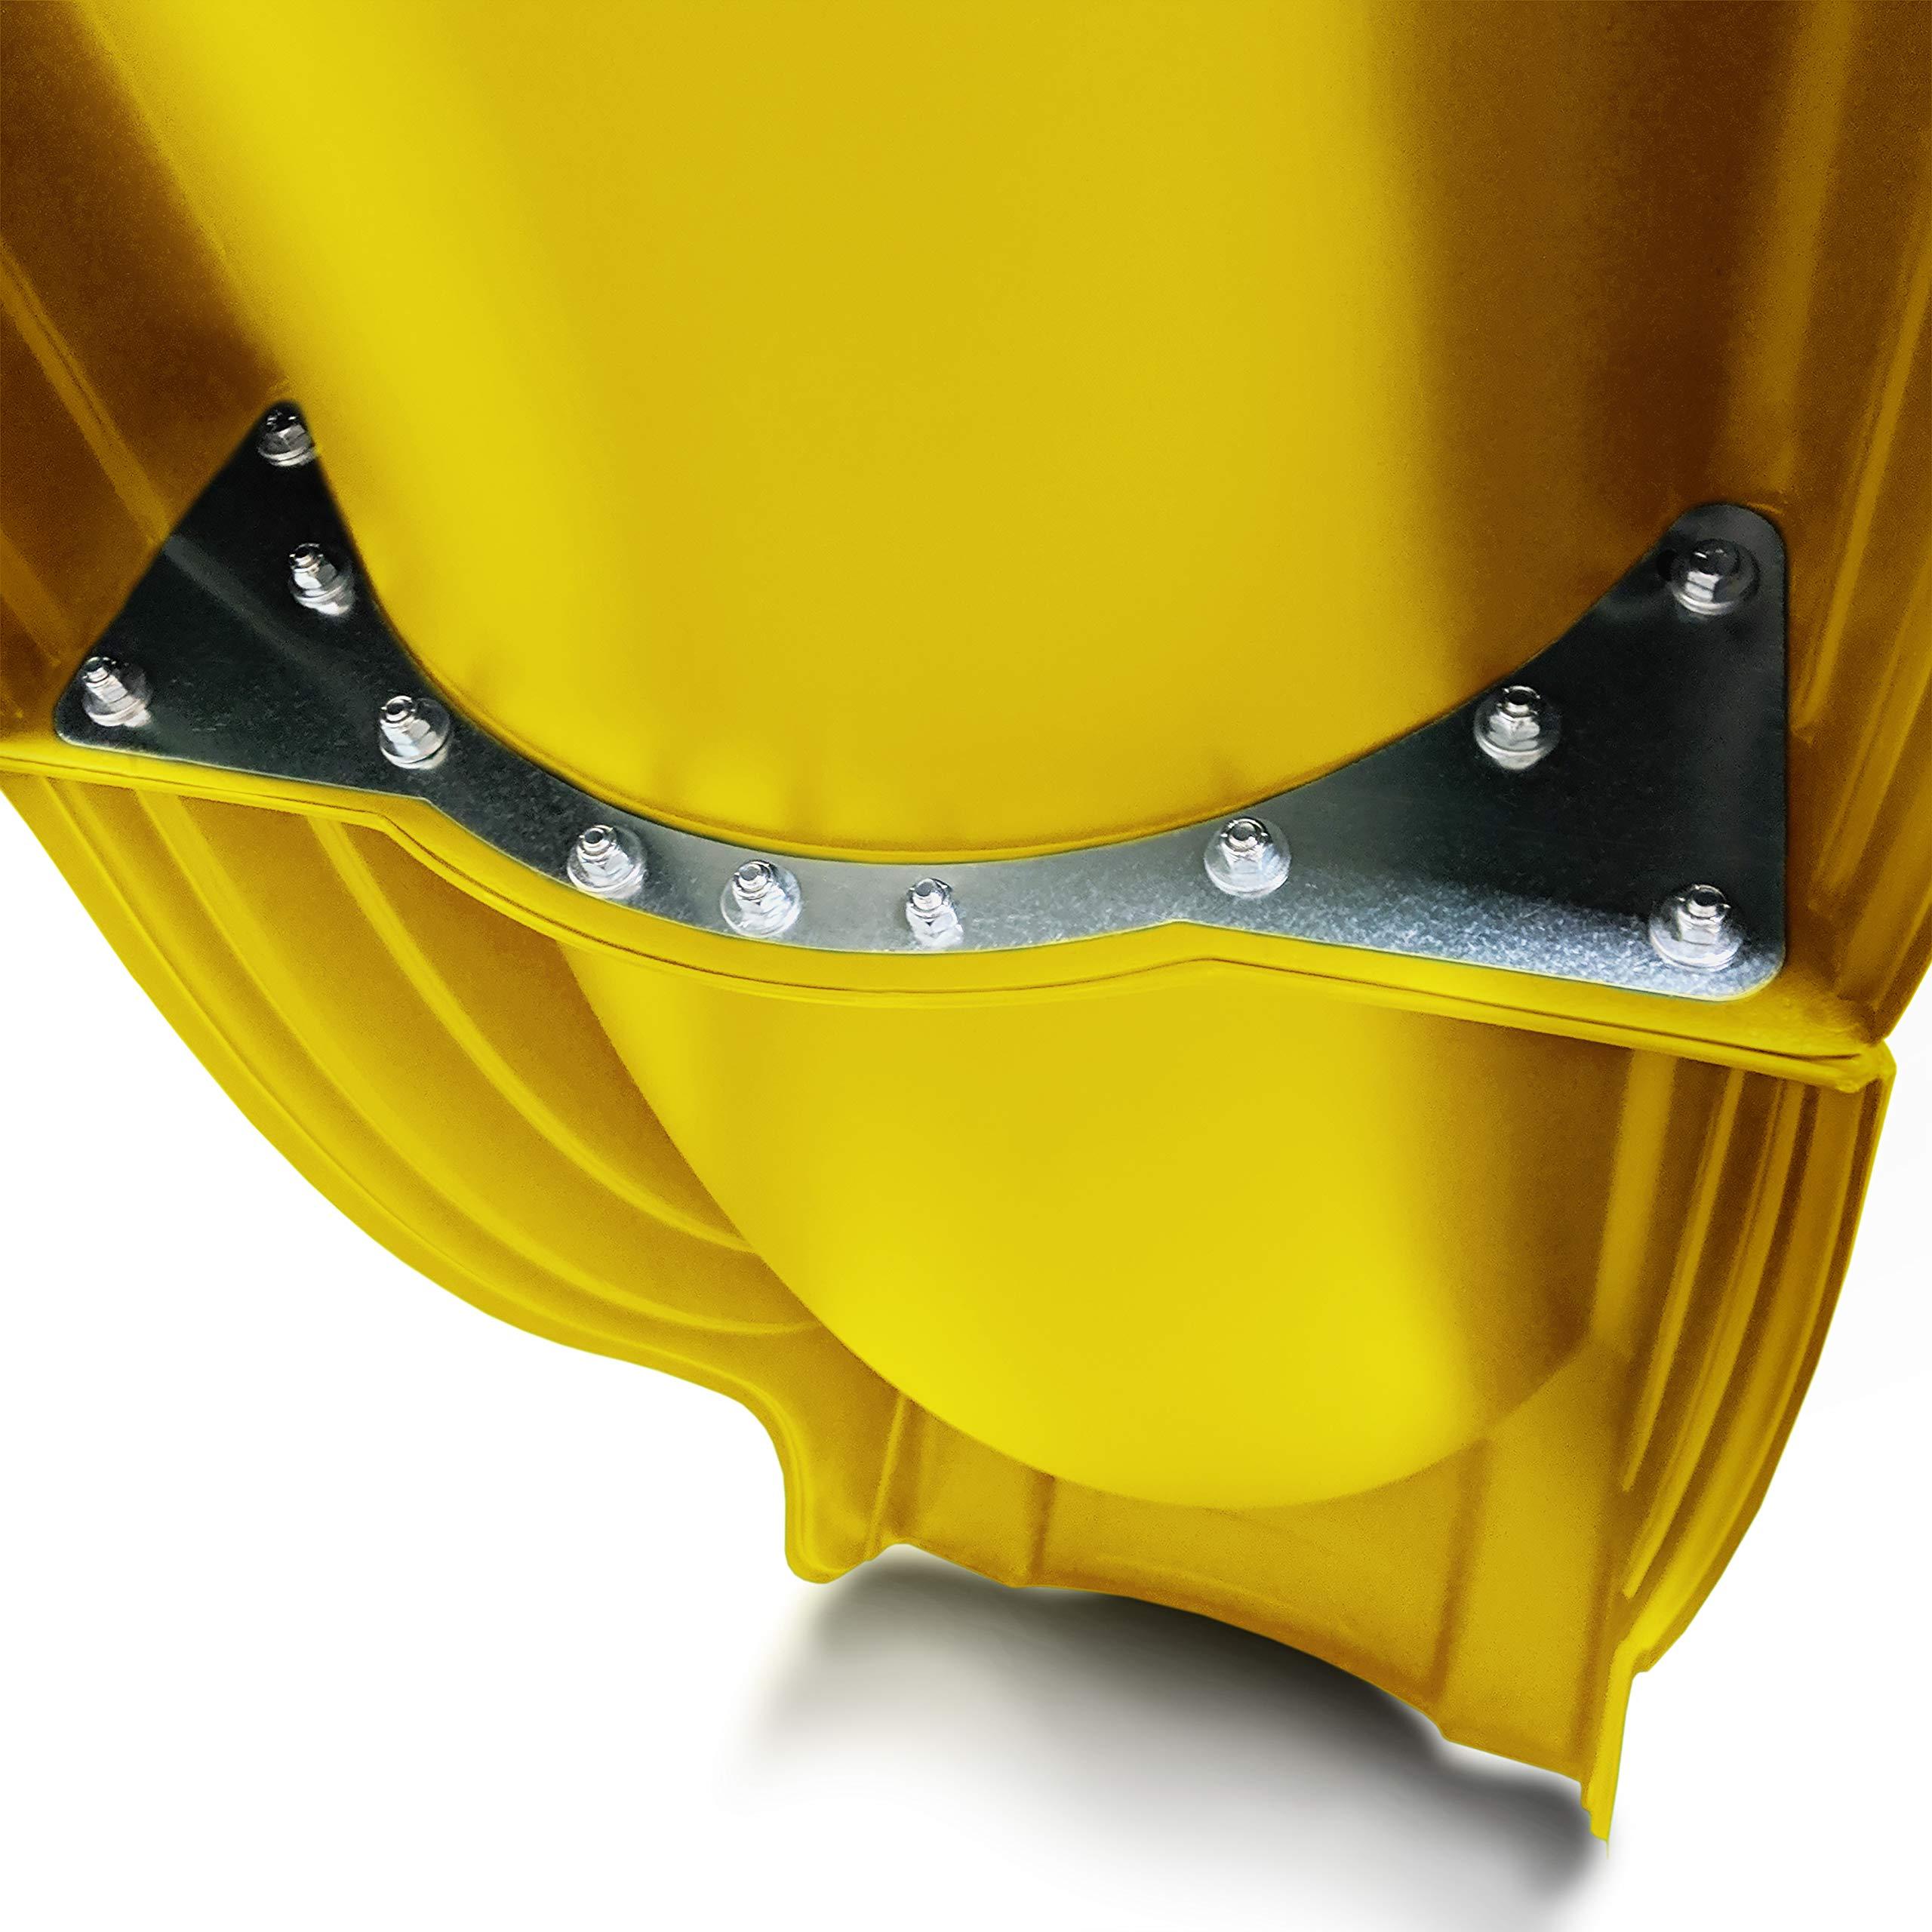 Swing-N-Slide WS 5031 Olympus Wave Slide 2 Piece Plastic Slide for 5' Decks, Yellow by Swing-N-Slide (Image #4)